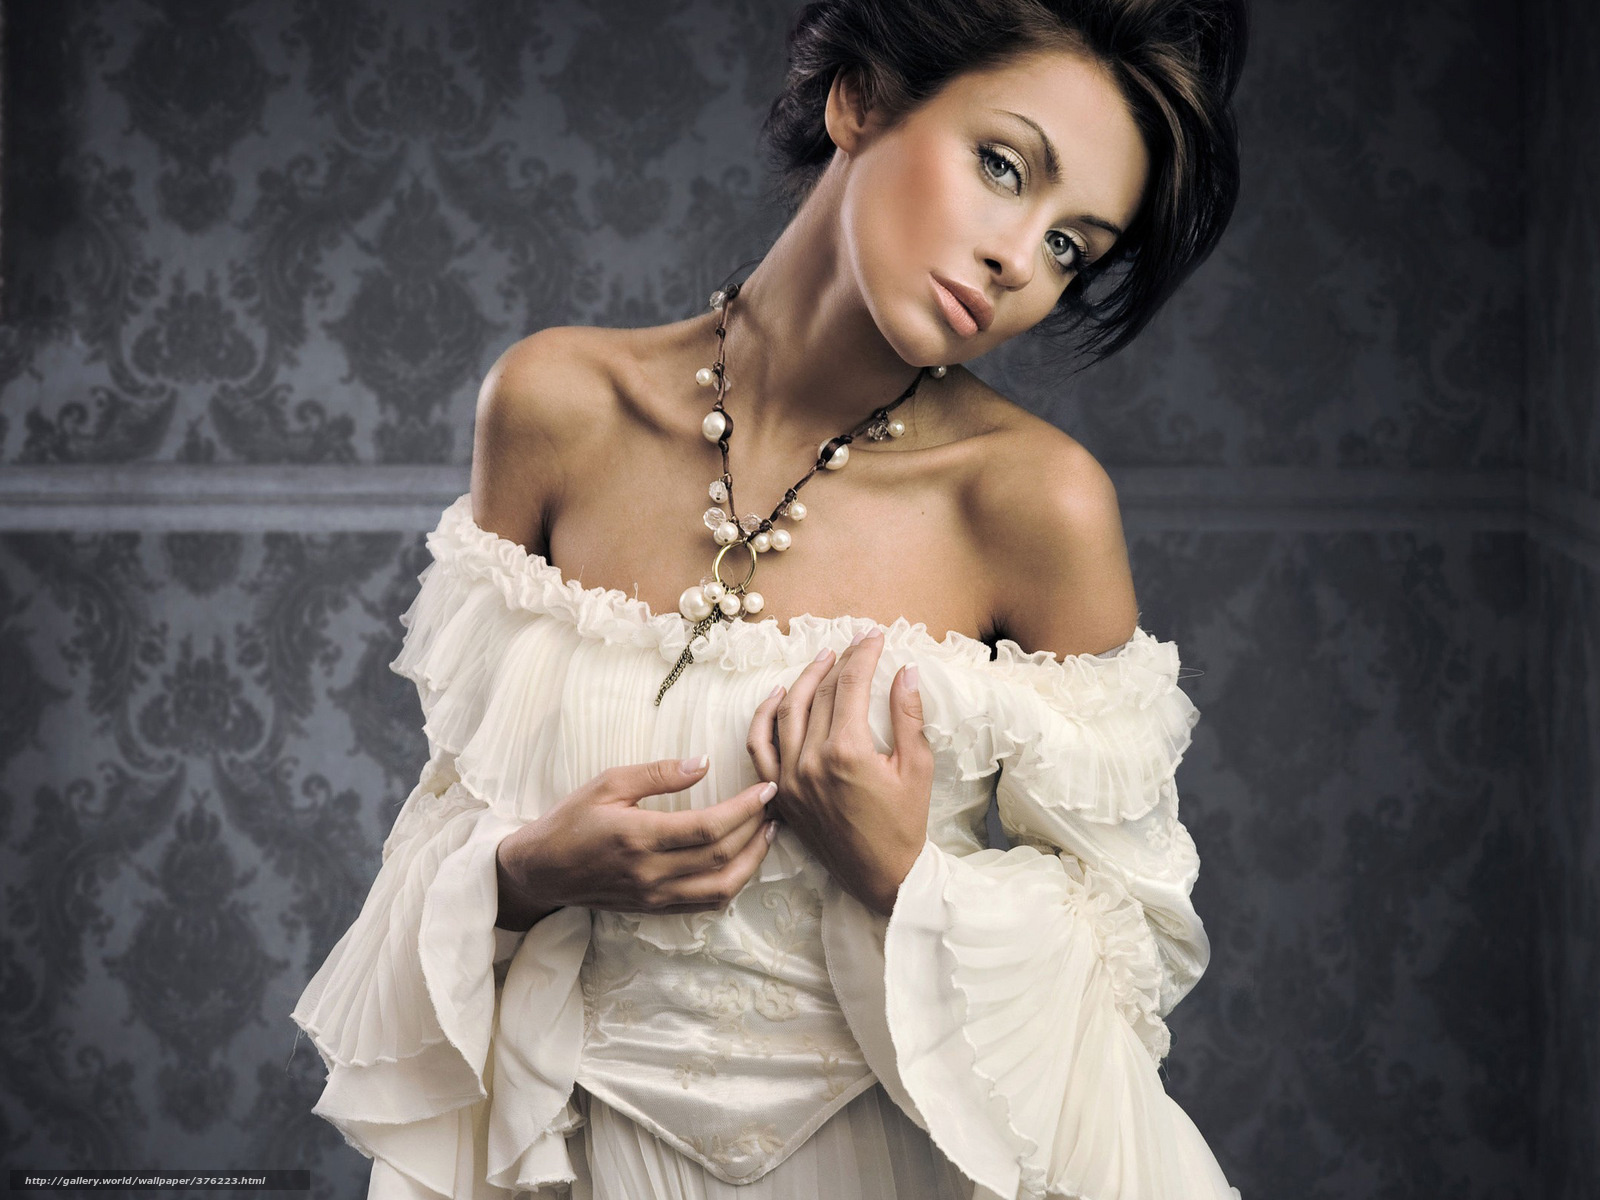 Фитоподборка красивые девушки в платьях 24 фотография